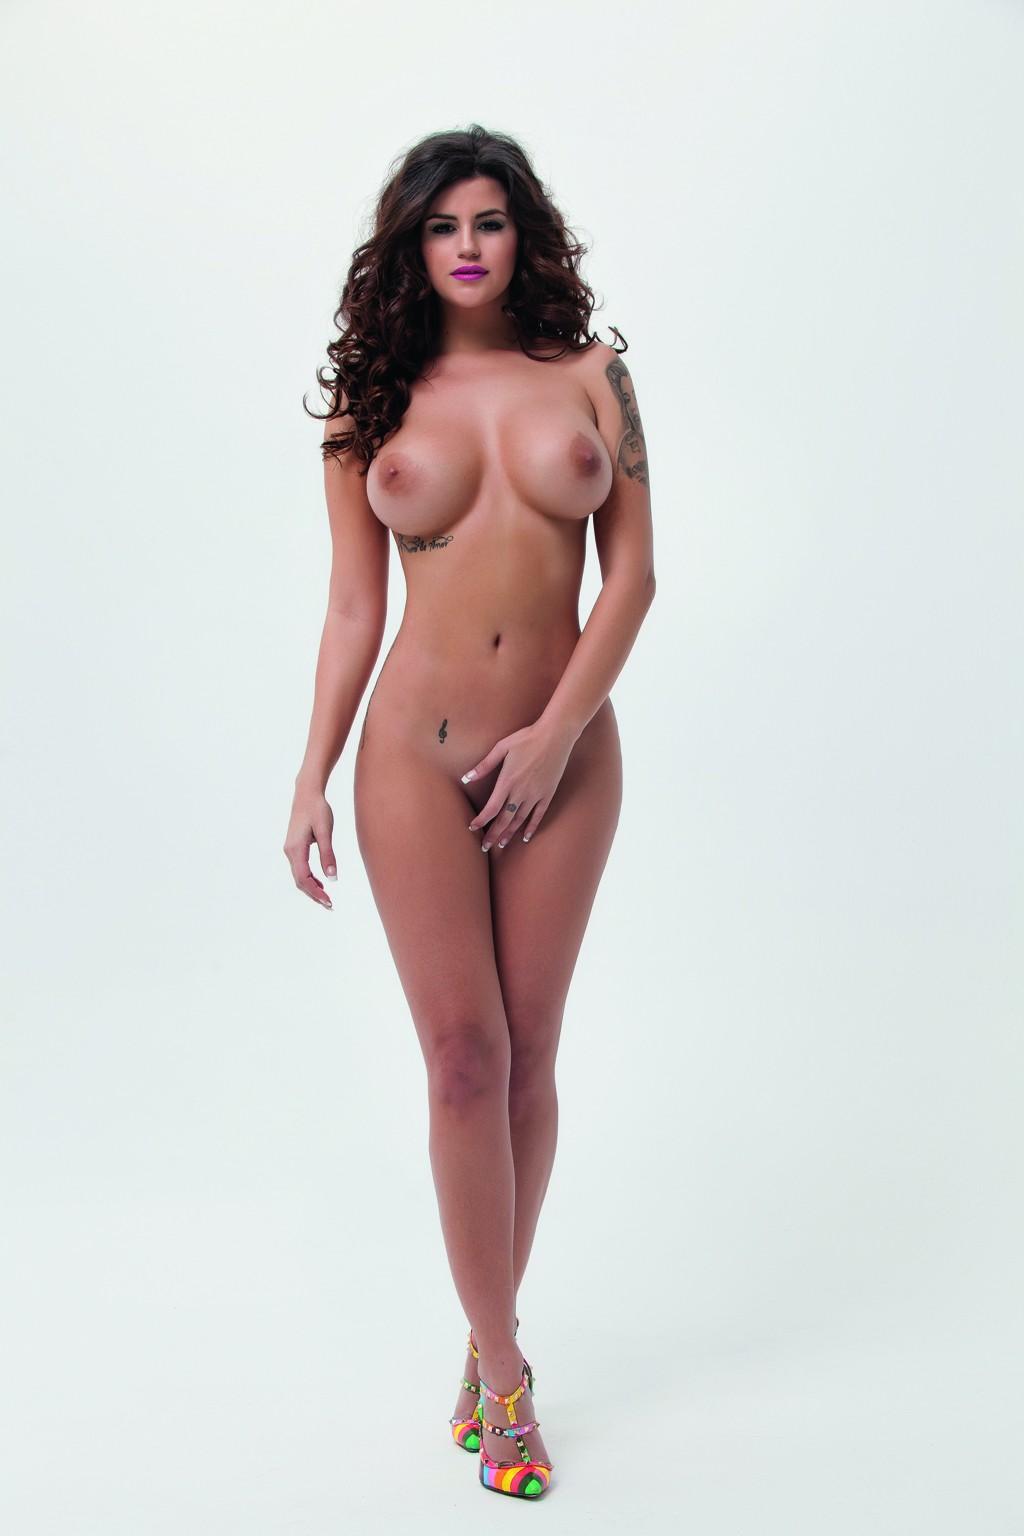 Hot malay girl fuck dick